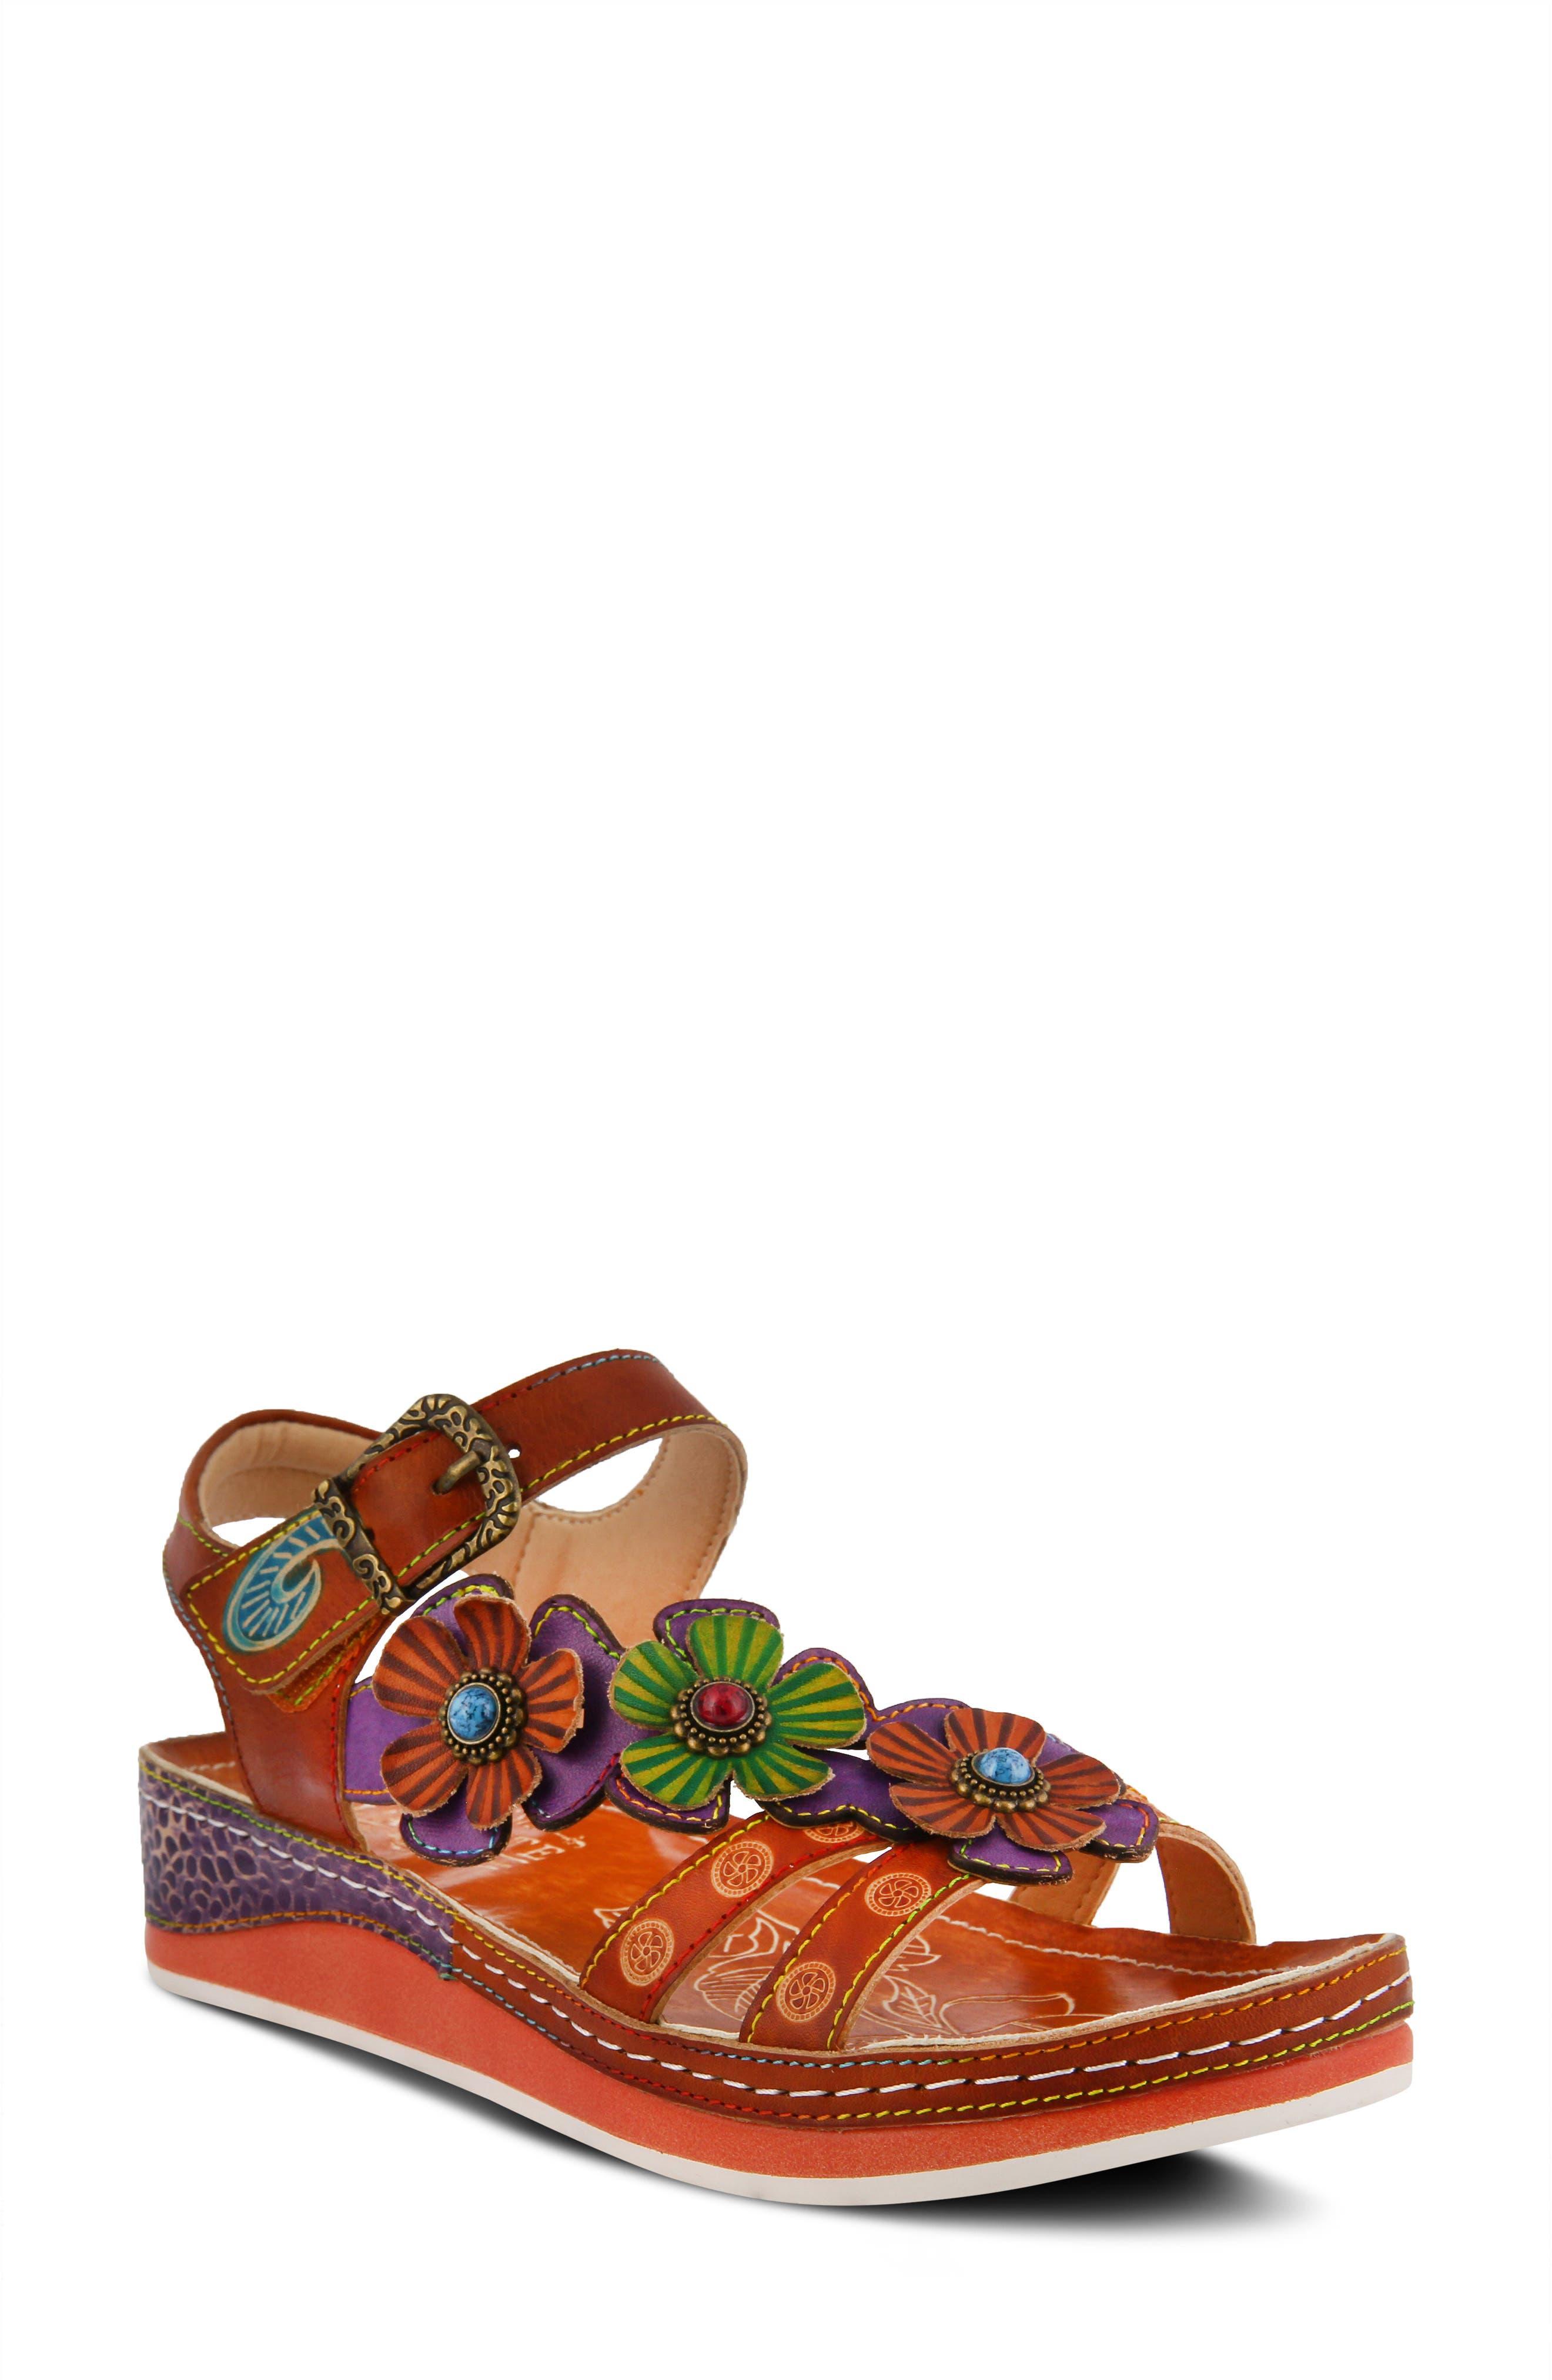 Goodie Wedge Sandal